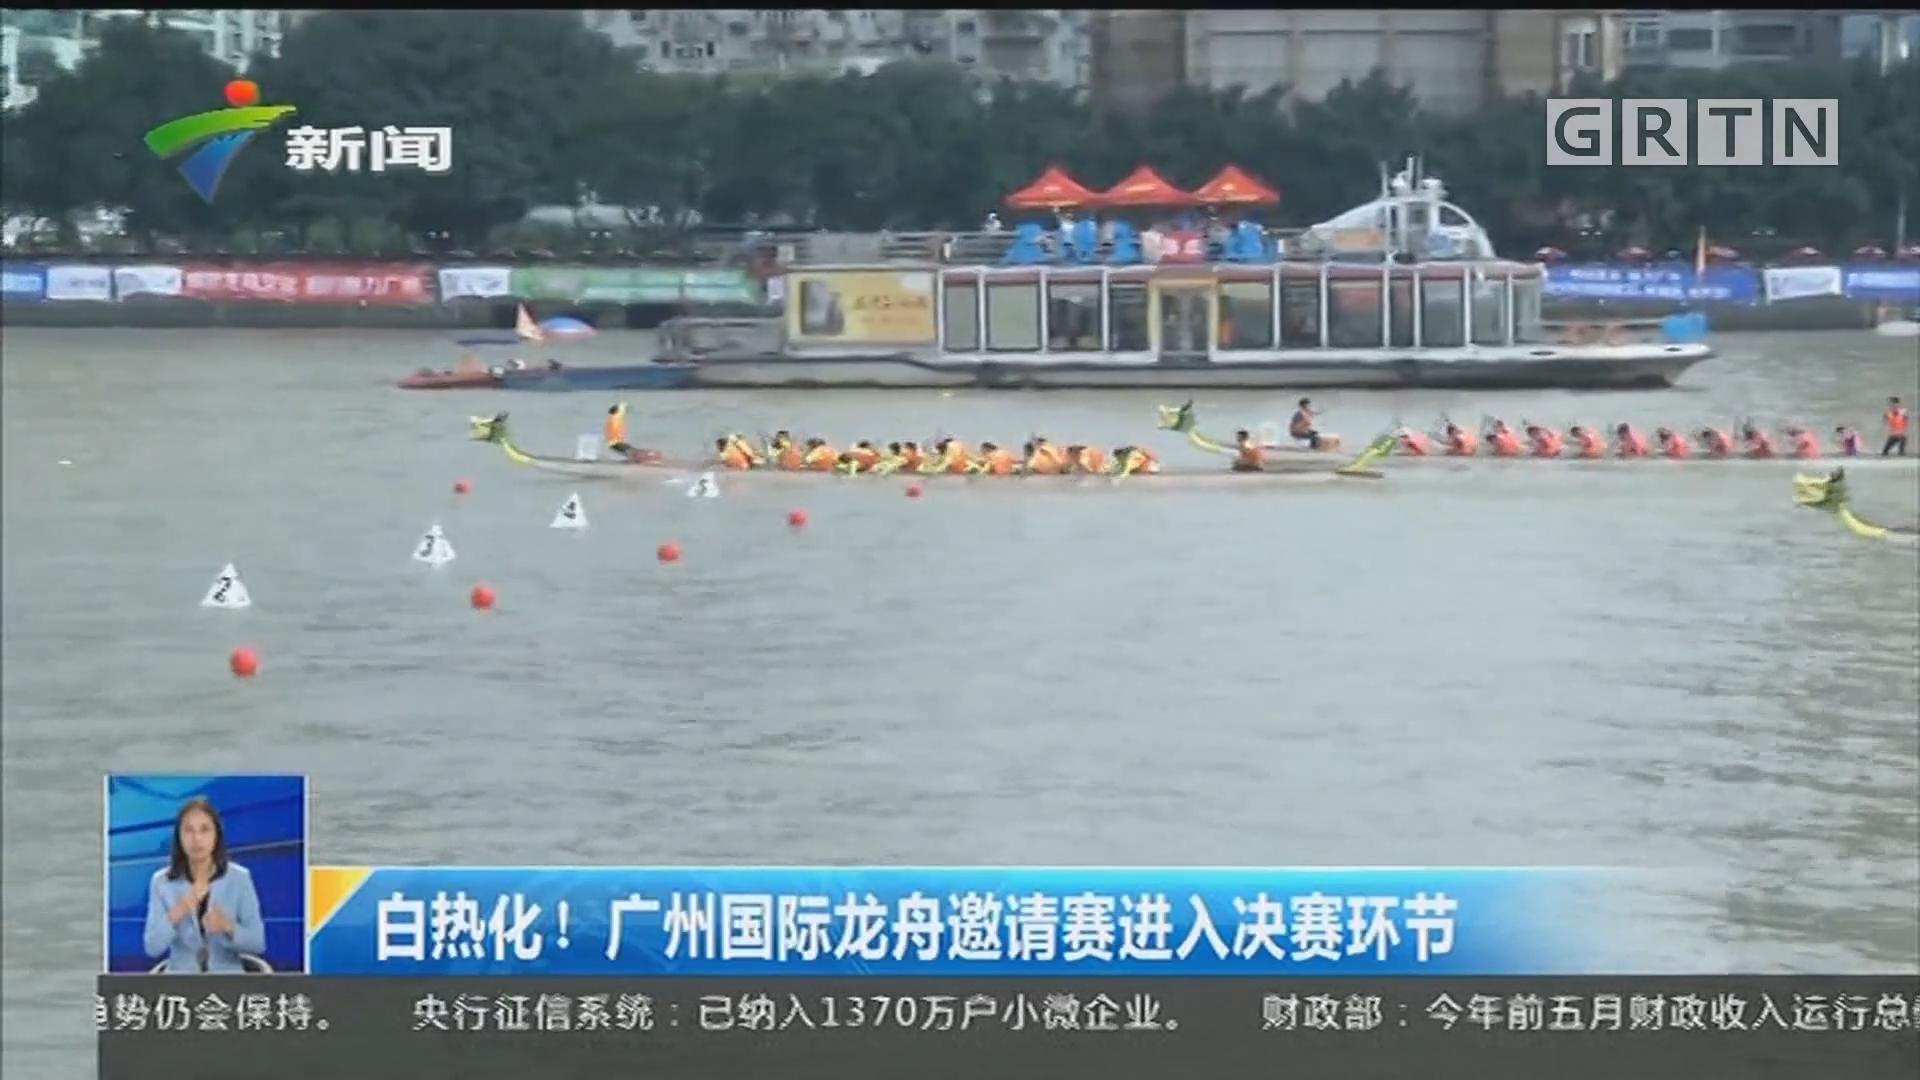 白热化!广州国际龙舟邀请赛进入决赛环节